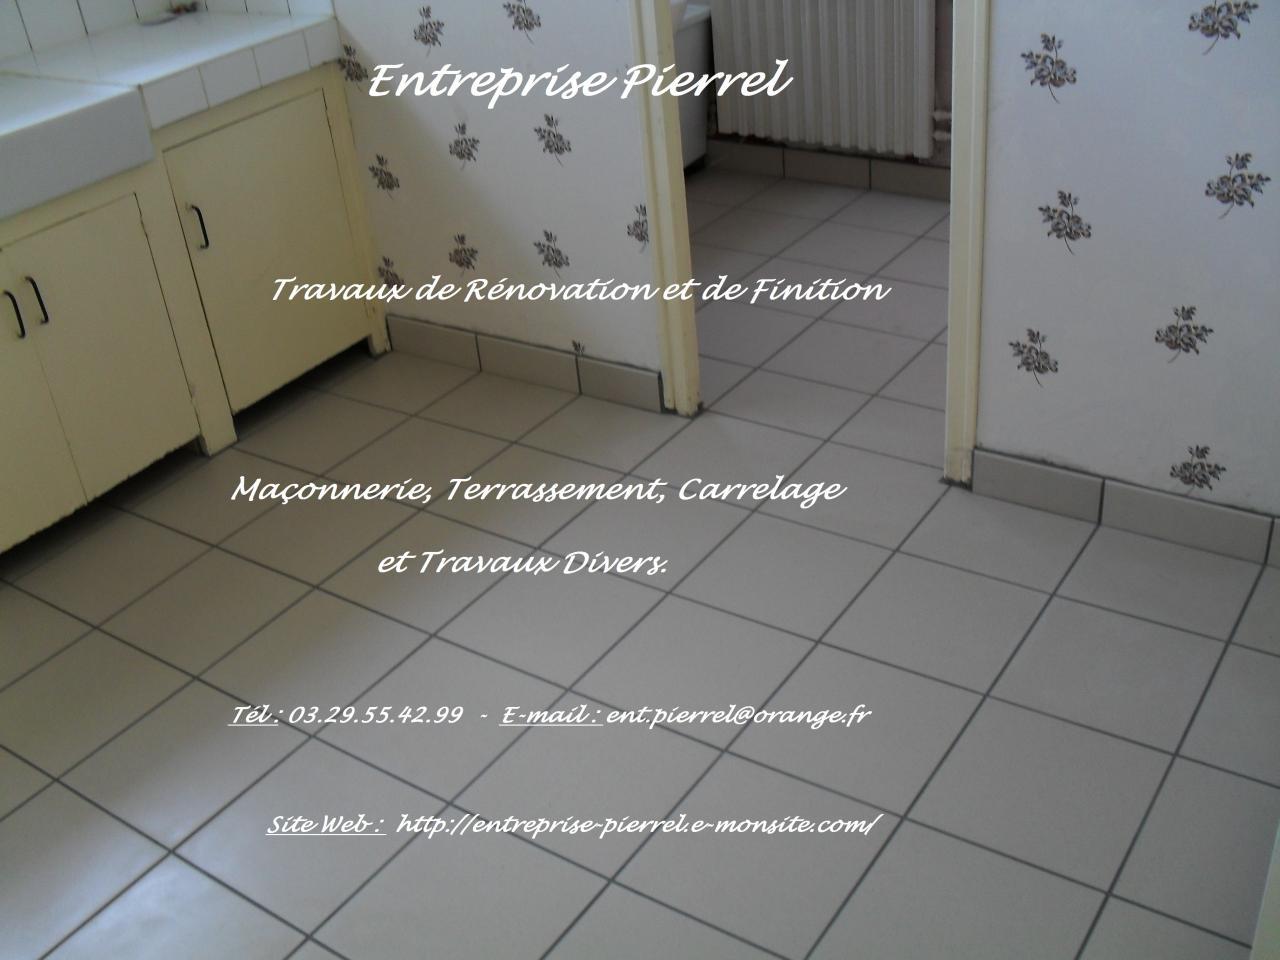 Carrelage au sol : Entreprise Pierrel - 88100 Taintrux. 03.29.55.42.99.